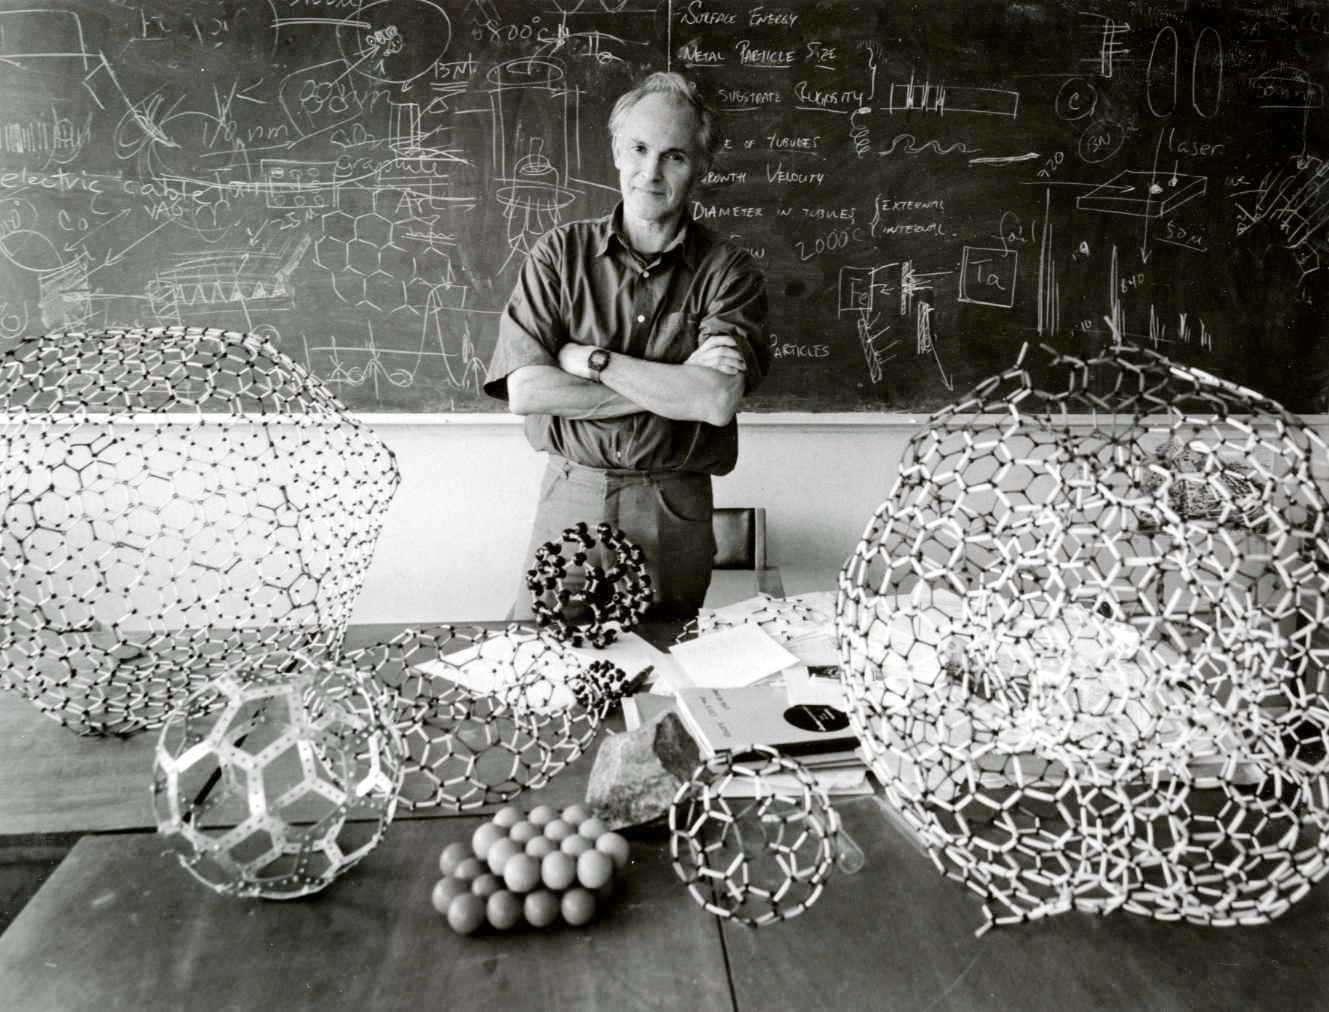 Harold Walter Kroto est un chimiste britannique, colauréat du prix Nobel de chimie de 1996, avec Robert Curl et Richard Smalley, pour sa découverte des fullerènes. Il est notamment célèbre pour avoir mis en évidence le buckminsterfullerène, parfois également appelé footballène, une molécule sphérique en C60 de la famille des fullerènes C2n. Ces structures fermées sont composées de (2n-20)/2 hexagones ainsi que de 12 pentagones. © Harold Kroto, www.kroto.info